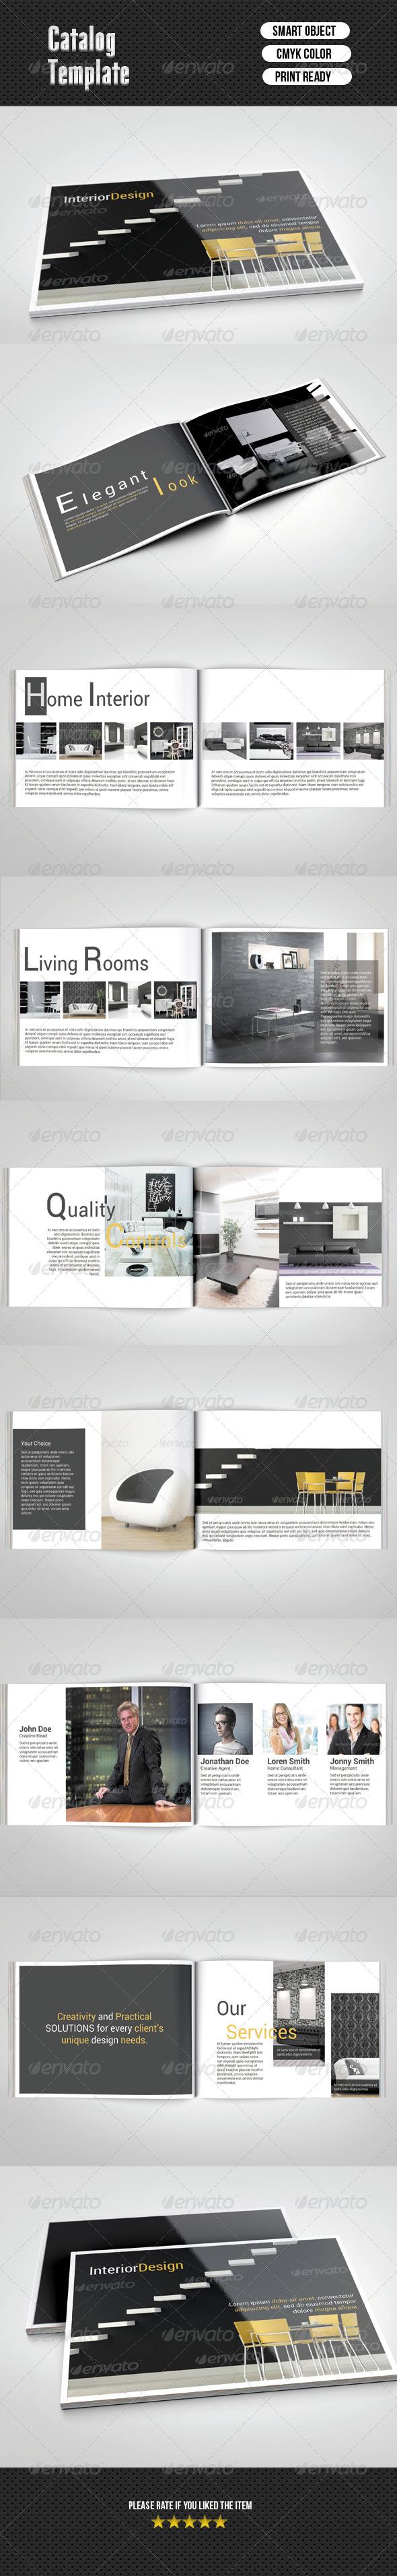 GraphicRiver Catalog- Interior Design 16 Pages 6711199